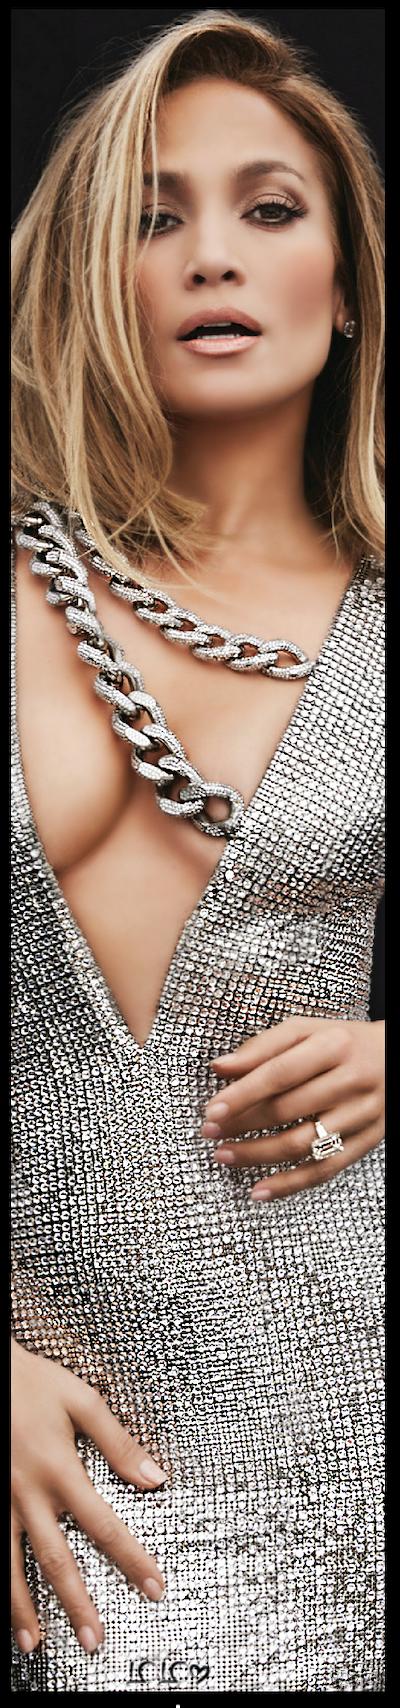 Jennifer Lopez In Tom Ford Jenniferlopez Jlo Tomford Favepin Metallics Also On My Color Metallics Silver Board Wi In 2020 Jennifer Lopez Beauty Model Glamour